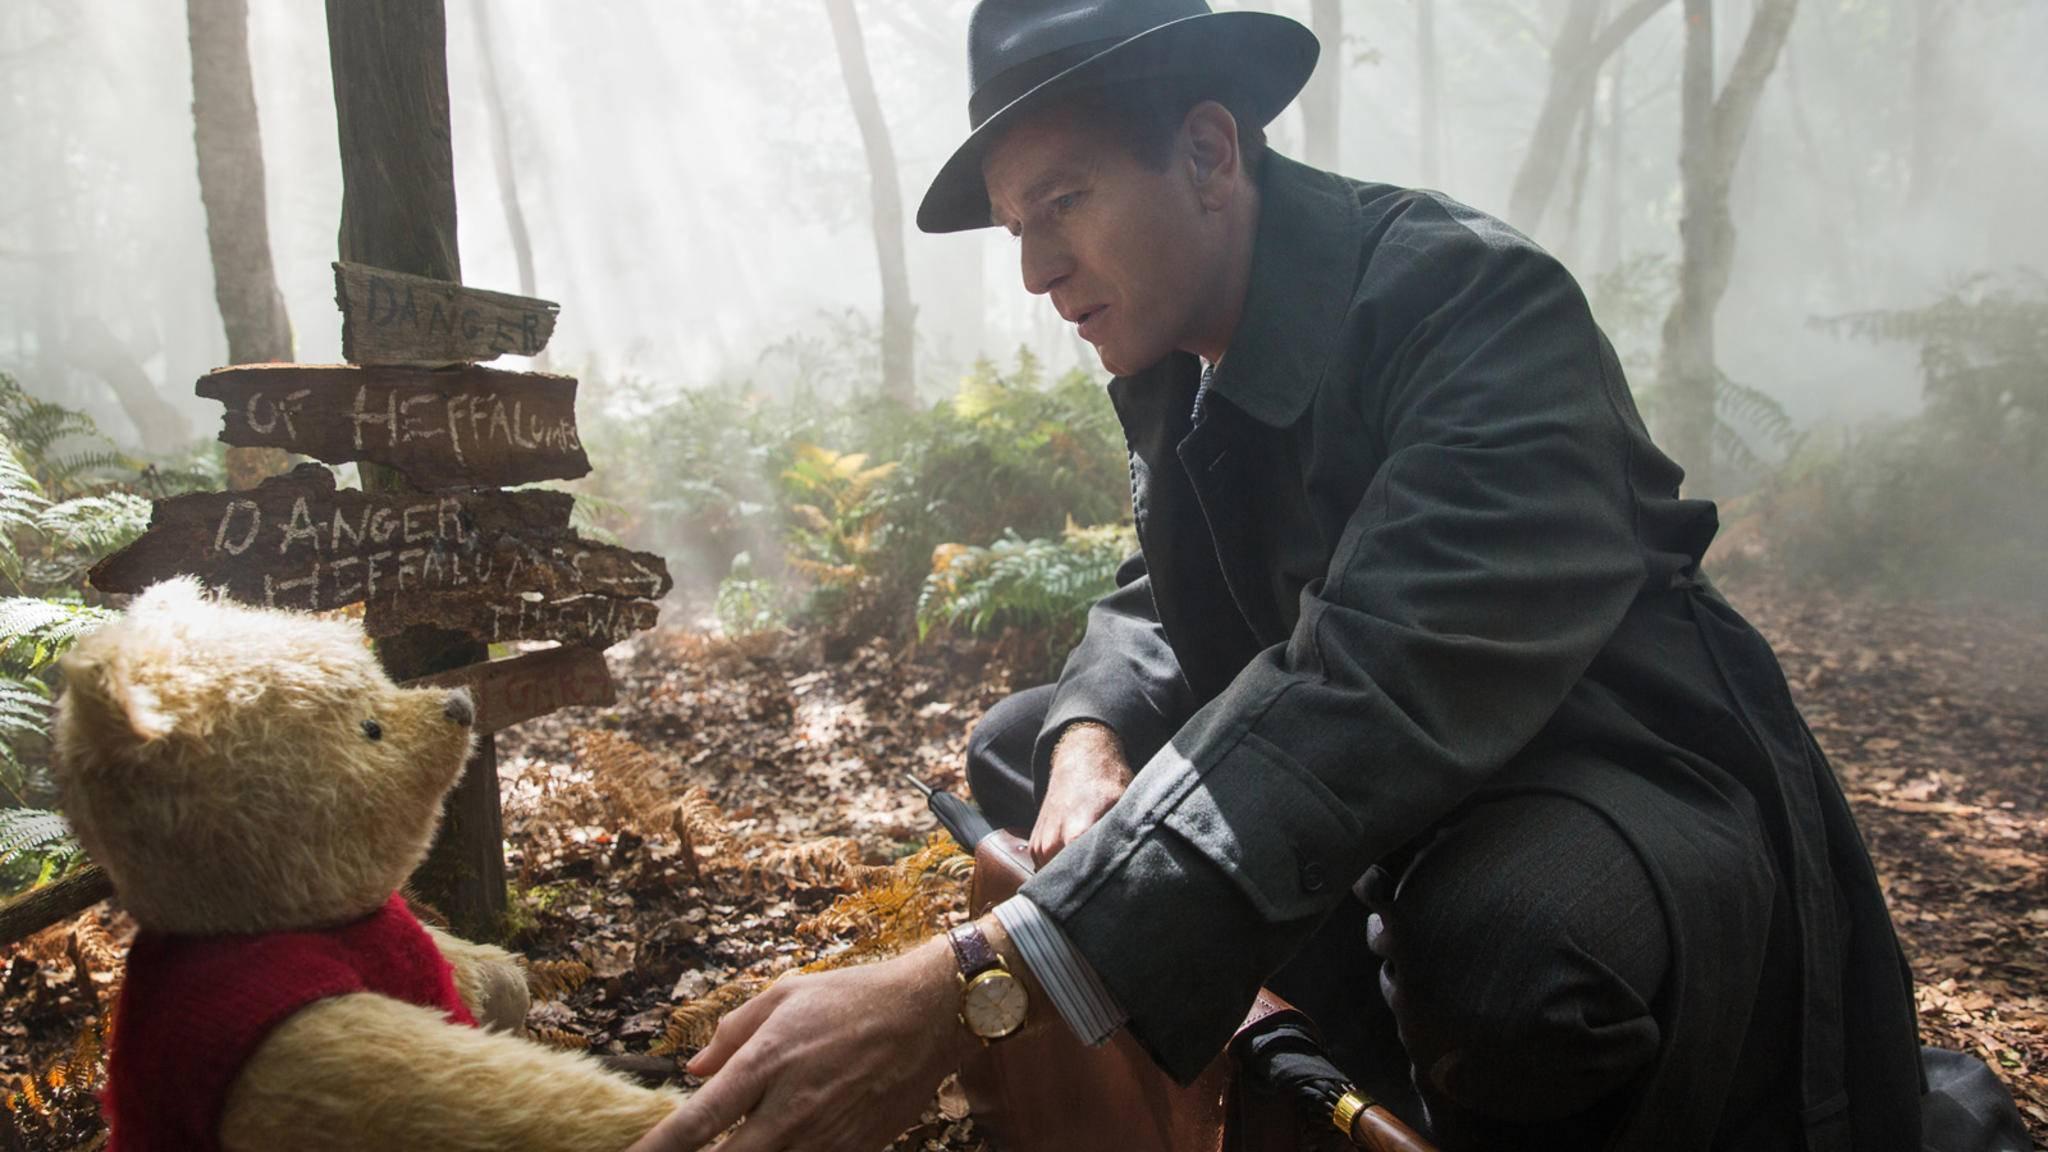 Zusammen mit Ewan McGregor als Christopher Robin erinnert sich der Kinogänger wieder daran, wie es ist, ein Kind zu sein.